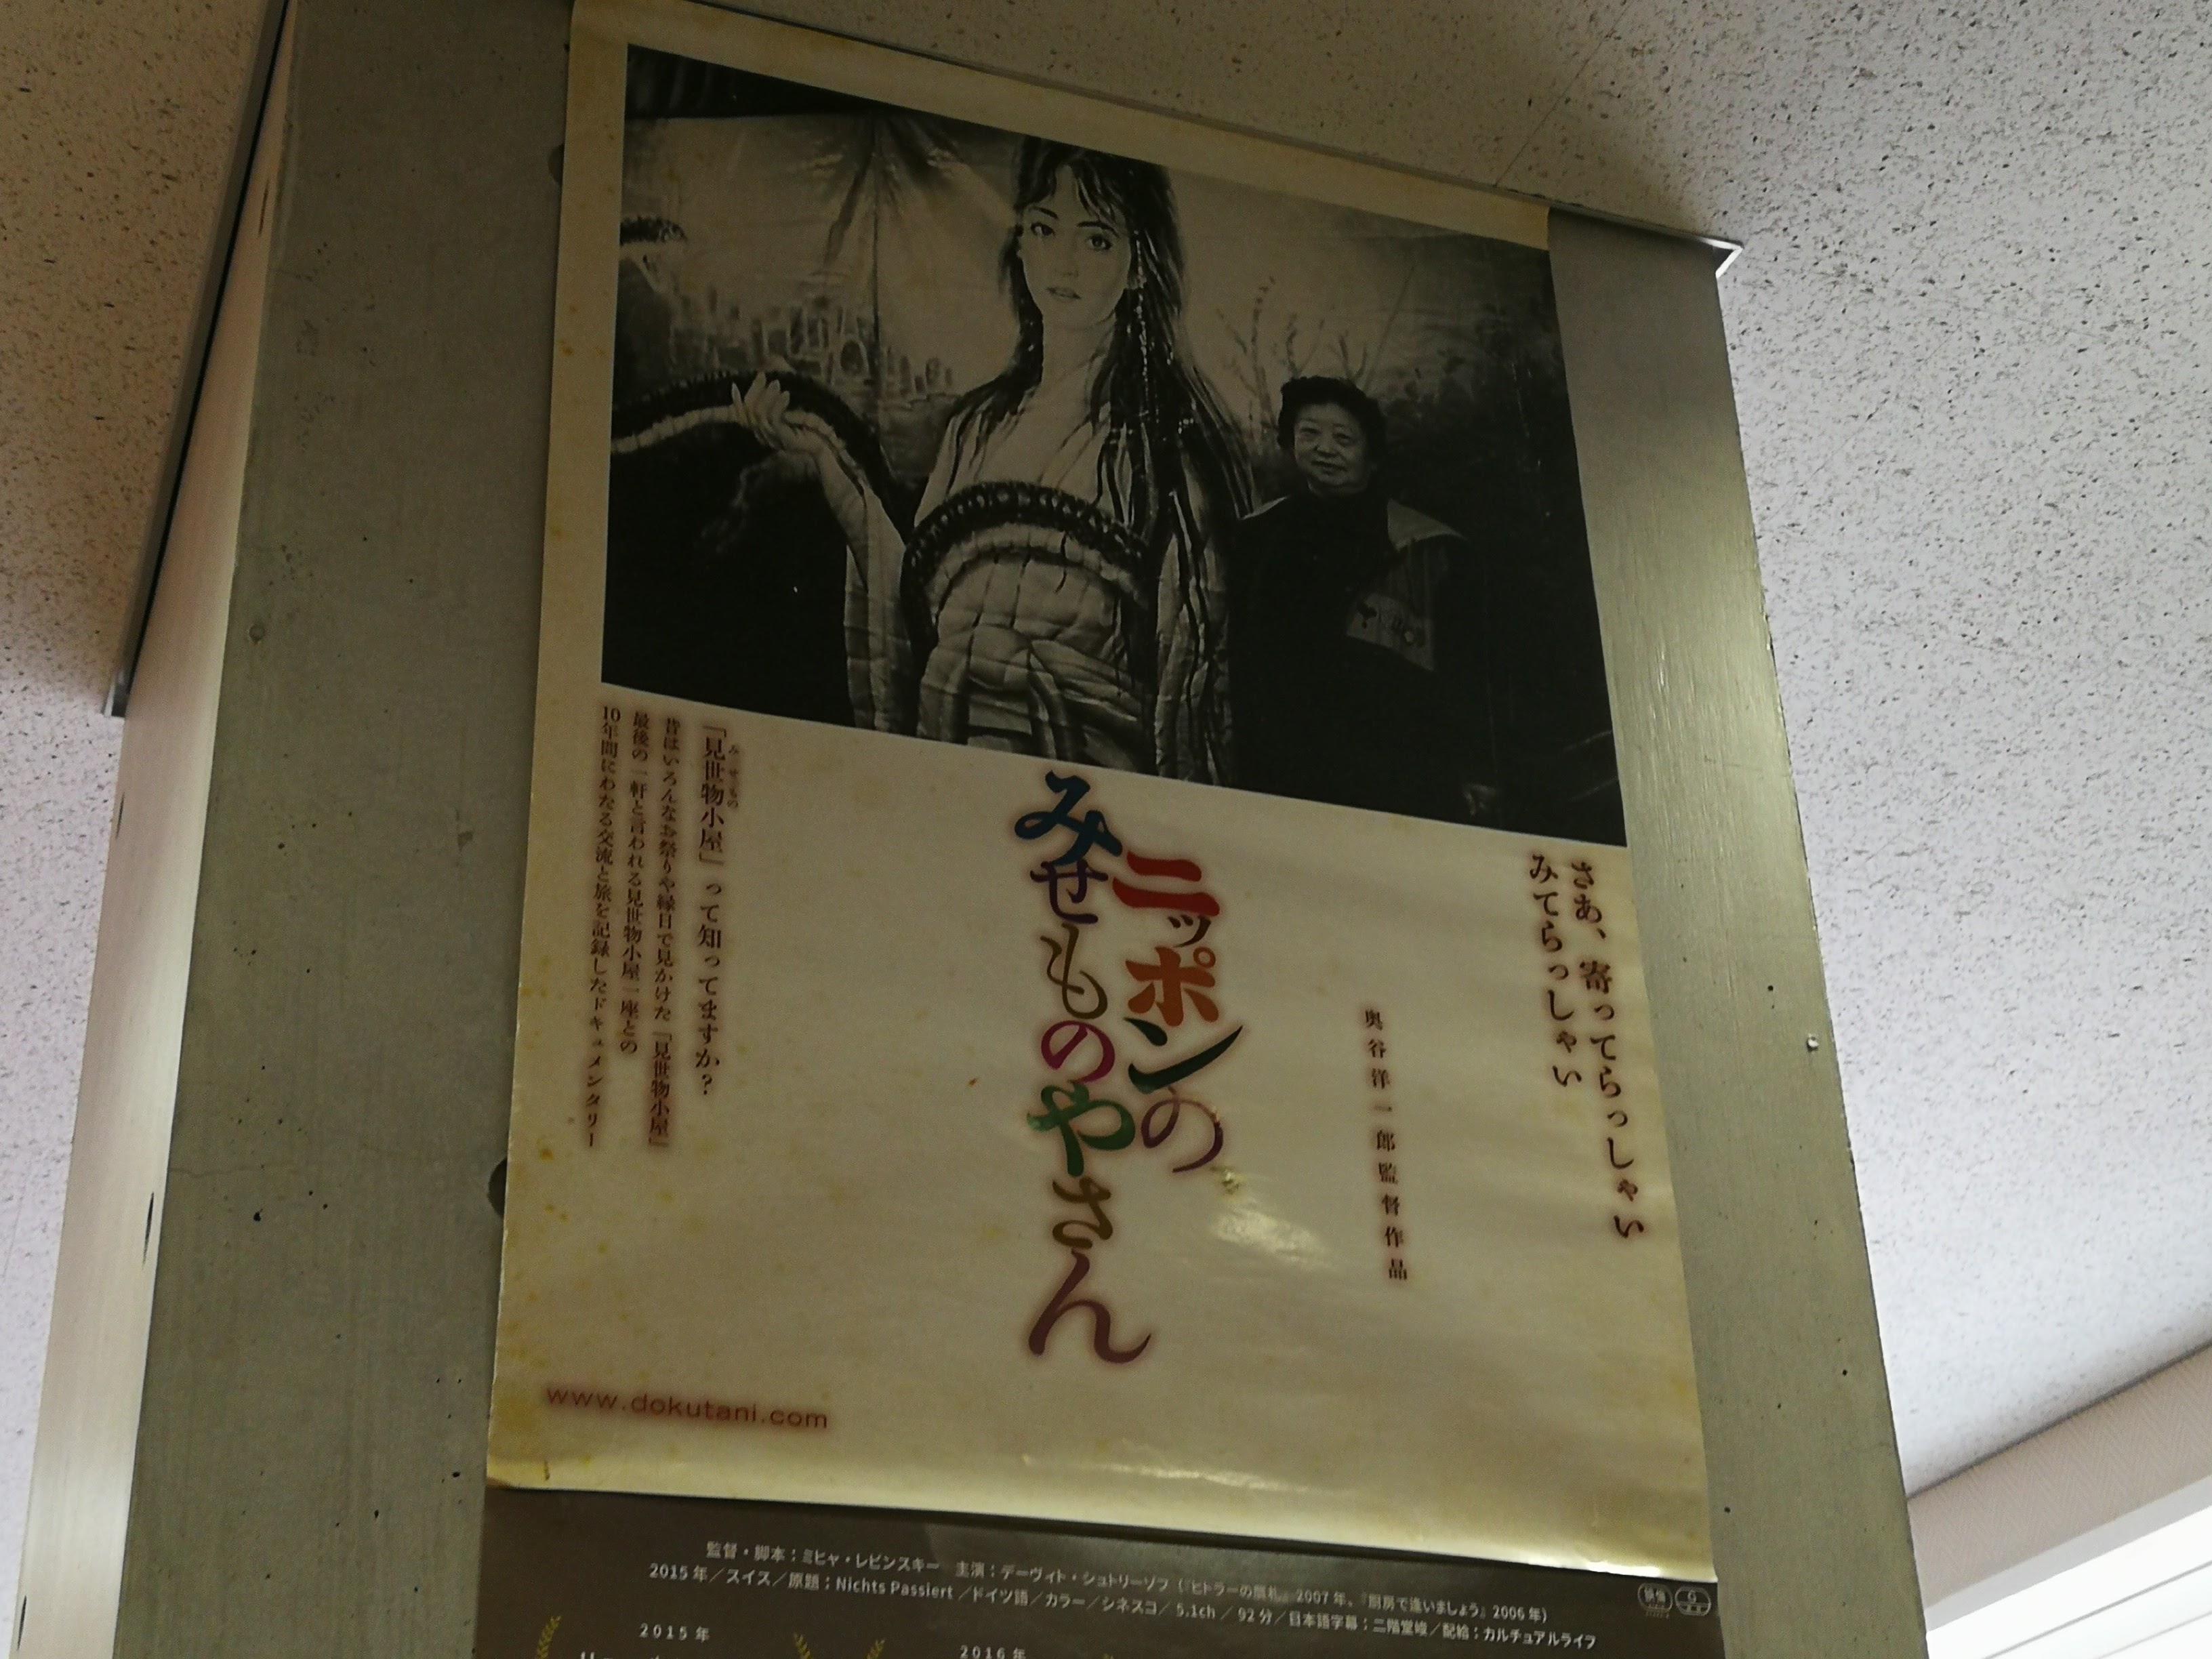 ドキュメンタリー映画『ニッポンの、みせものやさん』